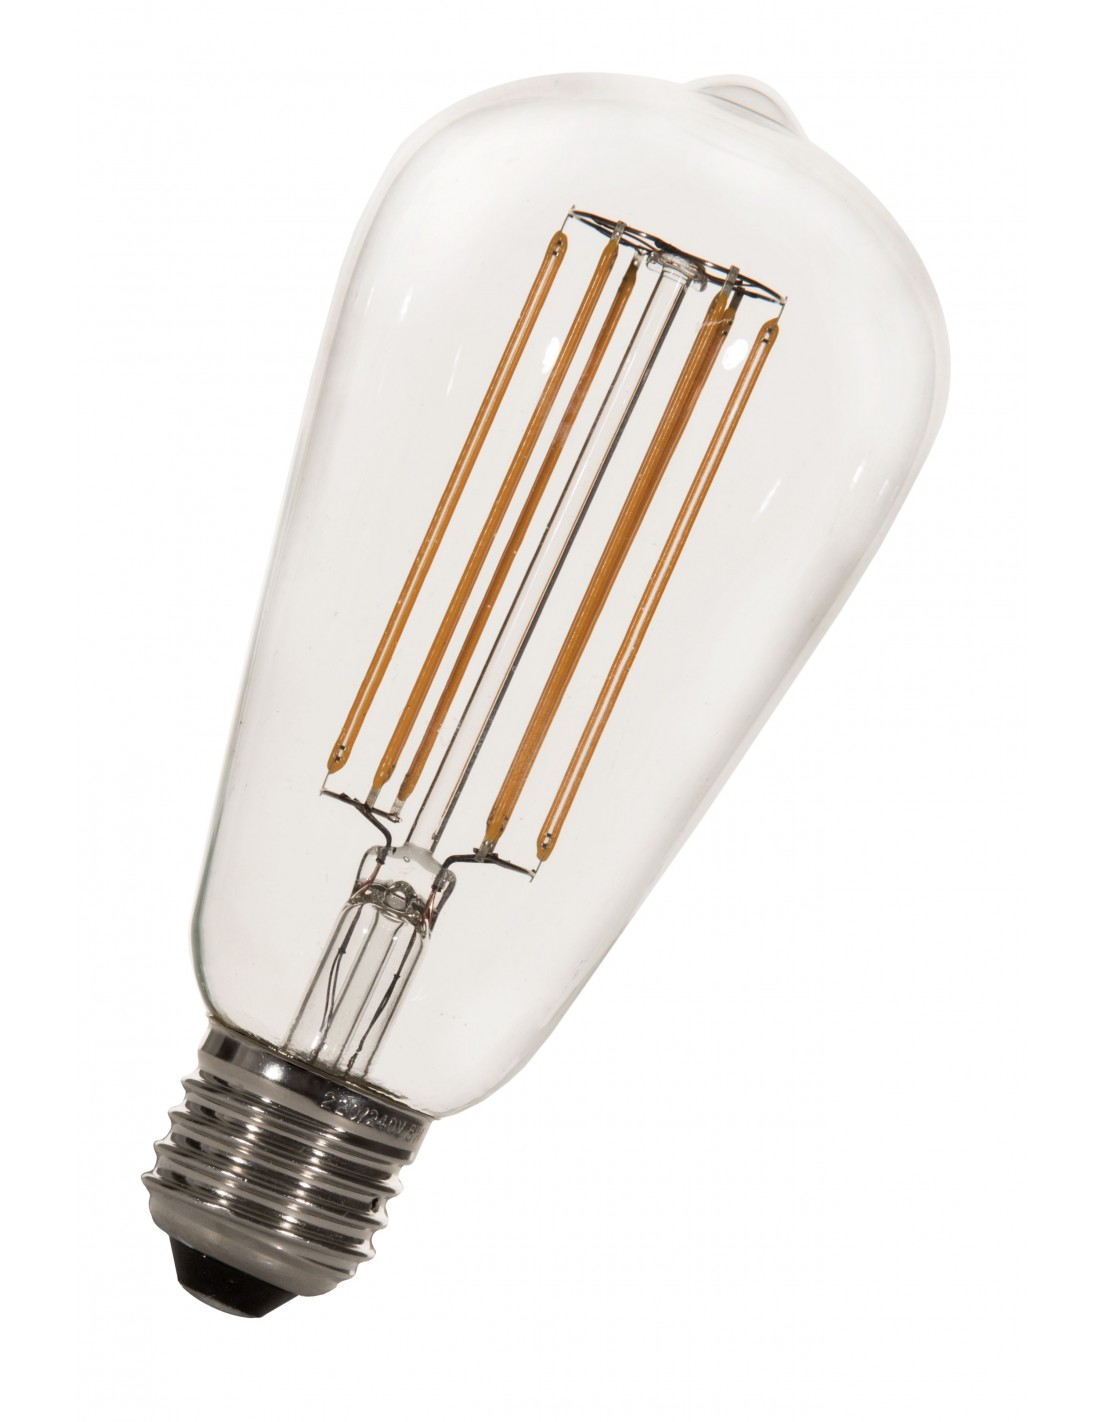 Ampoule E27 5,8W LED de navigation Valente Design